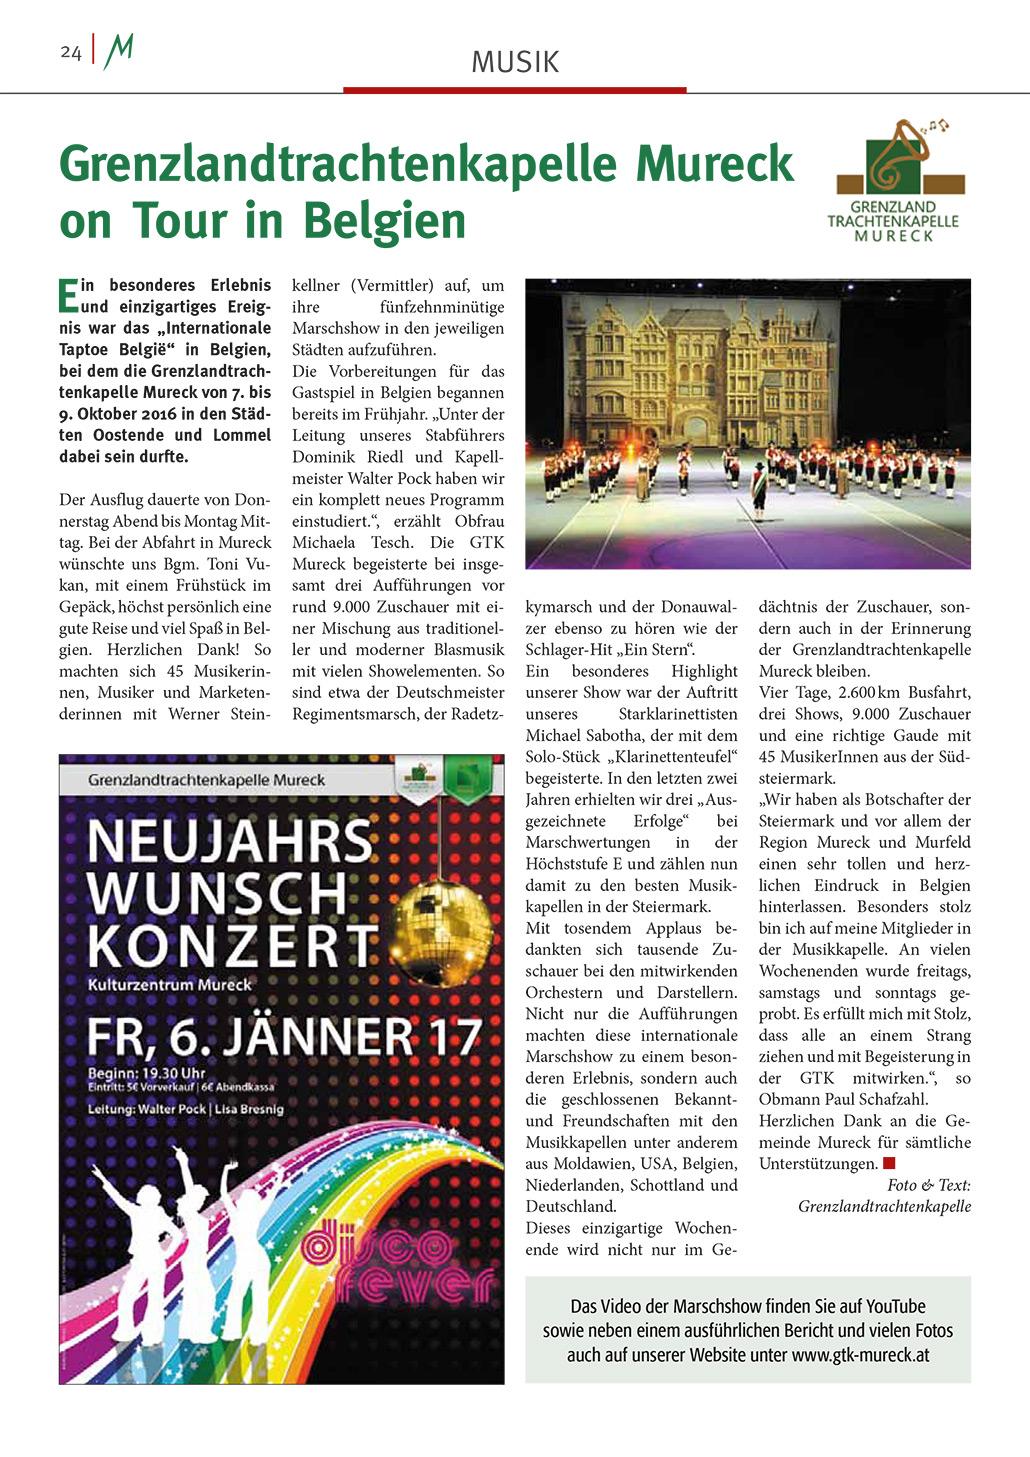 2016-diemureckerstadtzeitung_nr6_1016_v17web-24